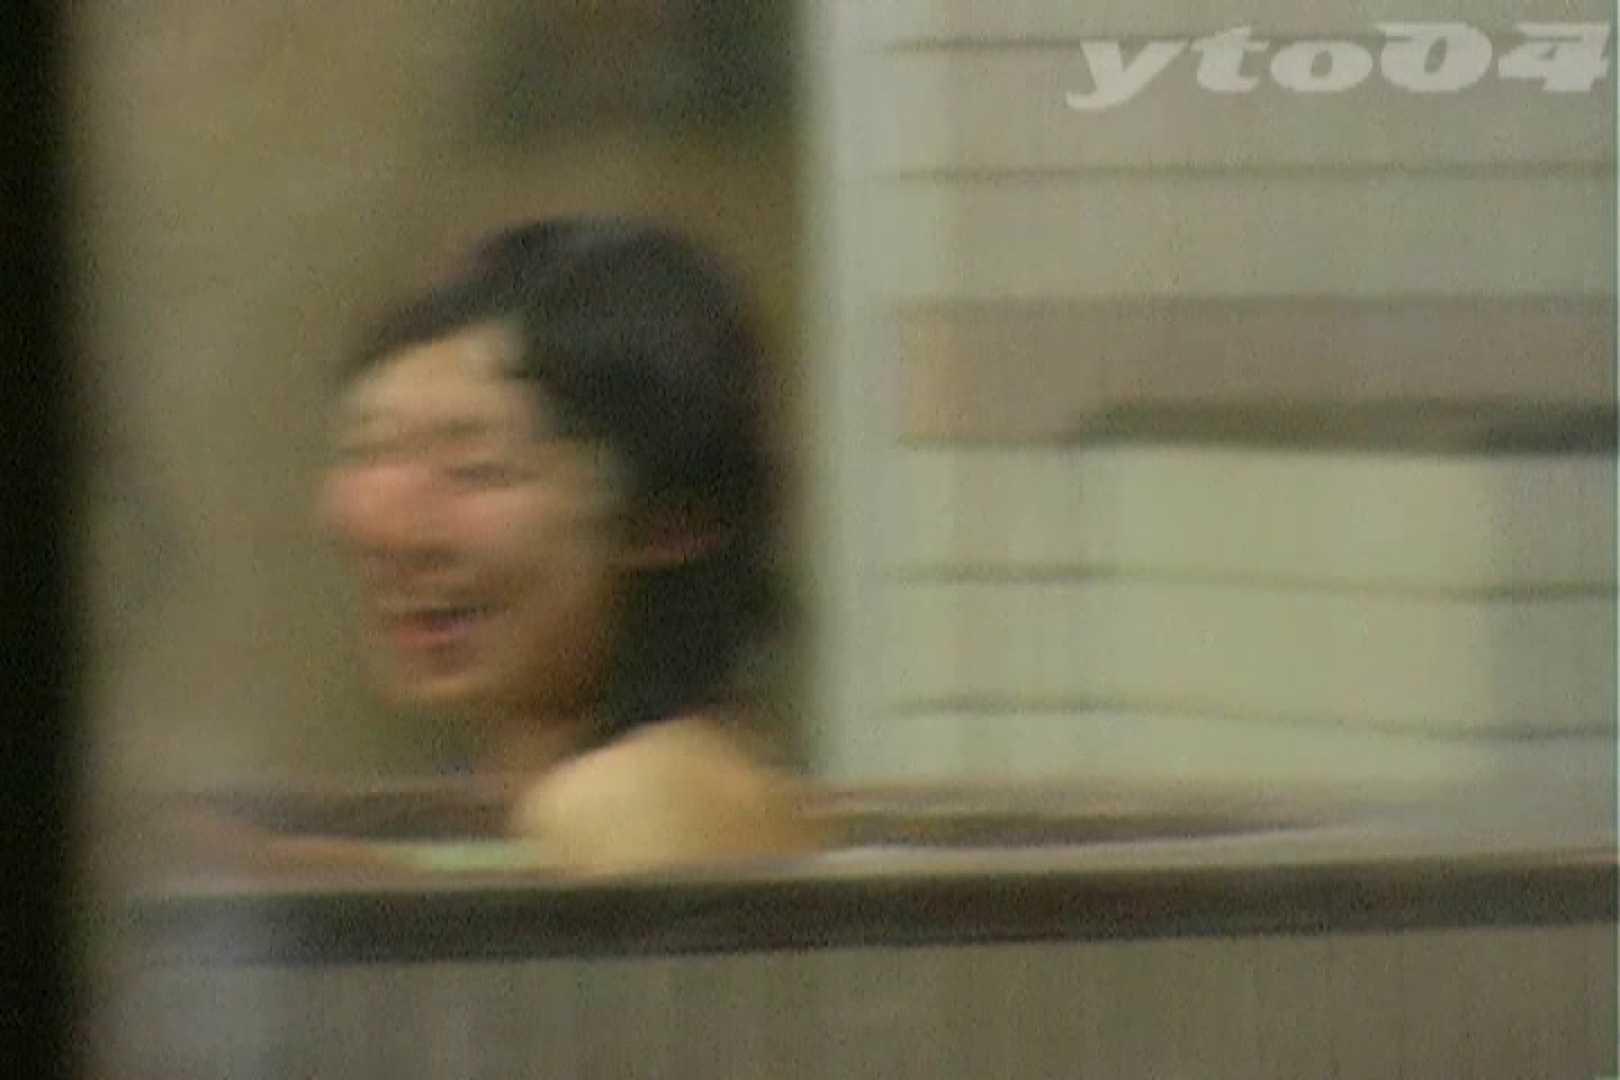 ▲復活限定▲合宿ホテル女風呂盗撮 Vol.24 女体盗撮 のぞきエロ無料画像 75連発 39